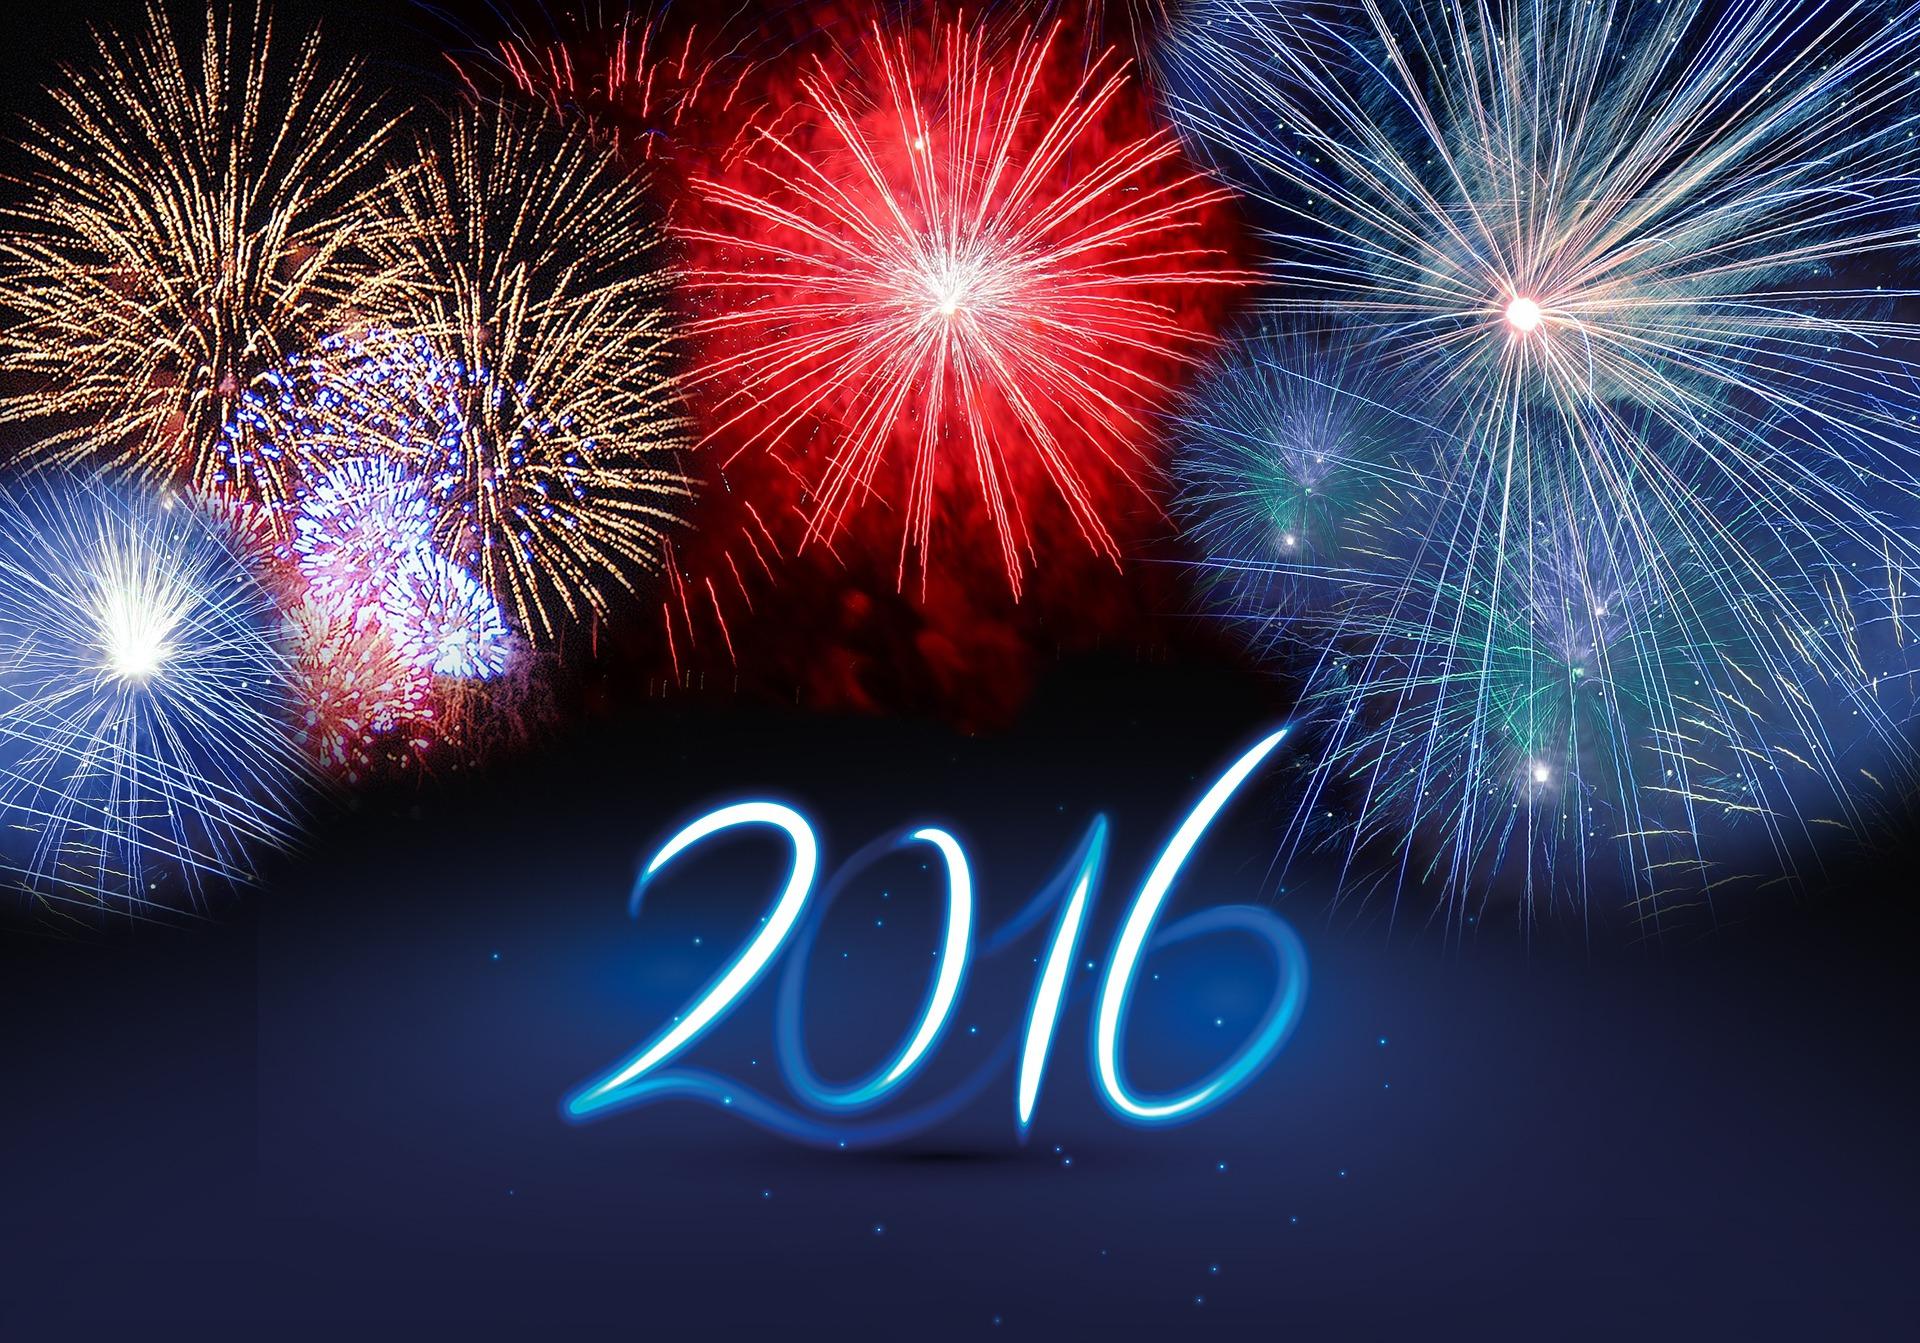 Guten Rutsch und frohes neues Jahr 2016